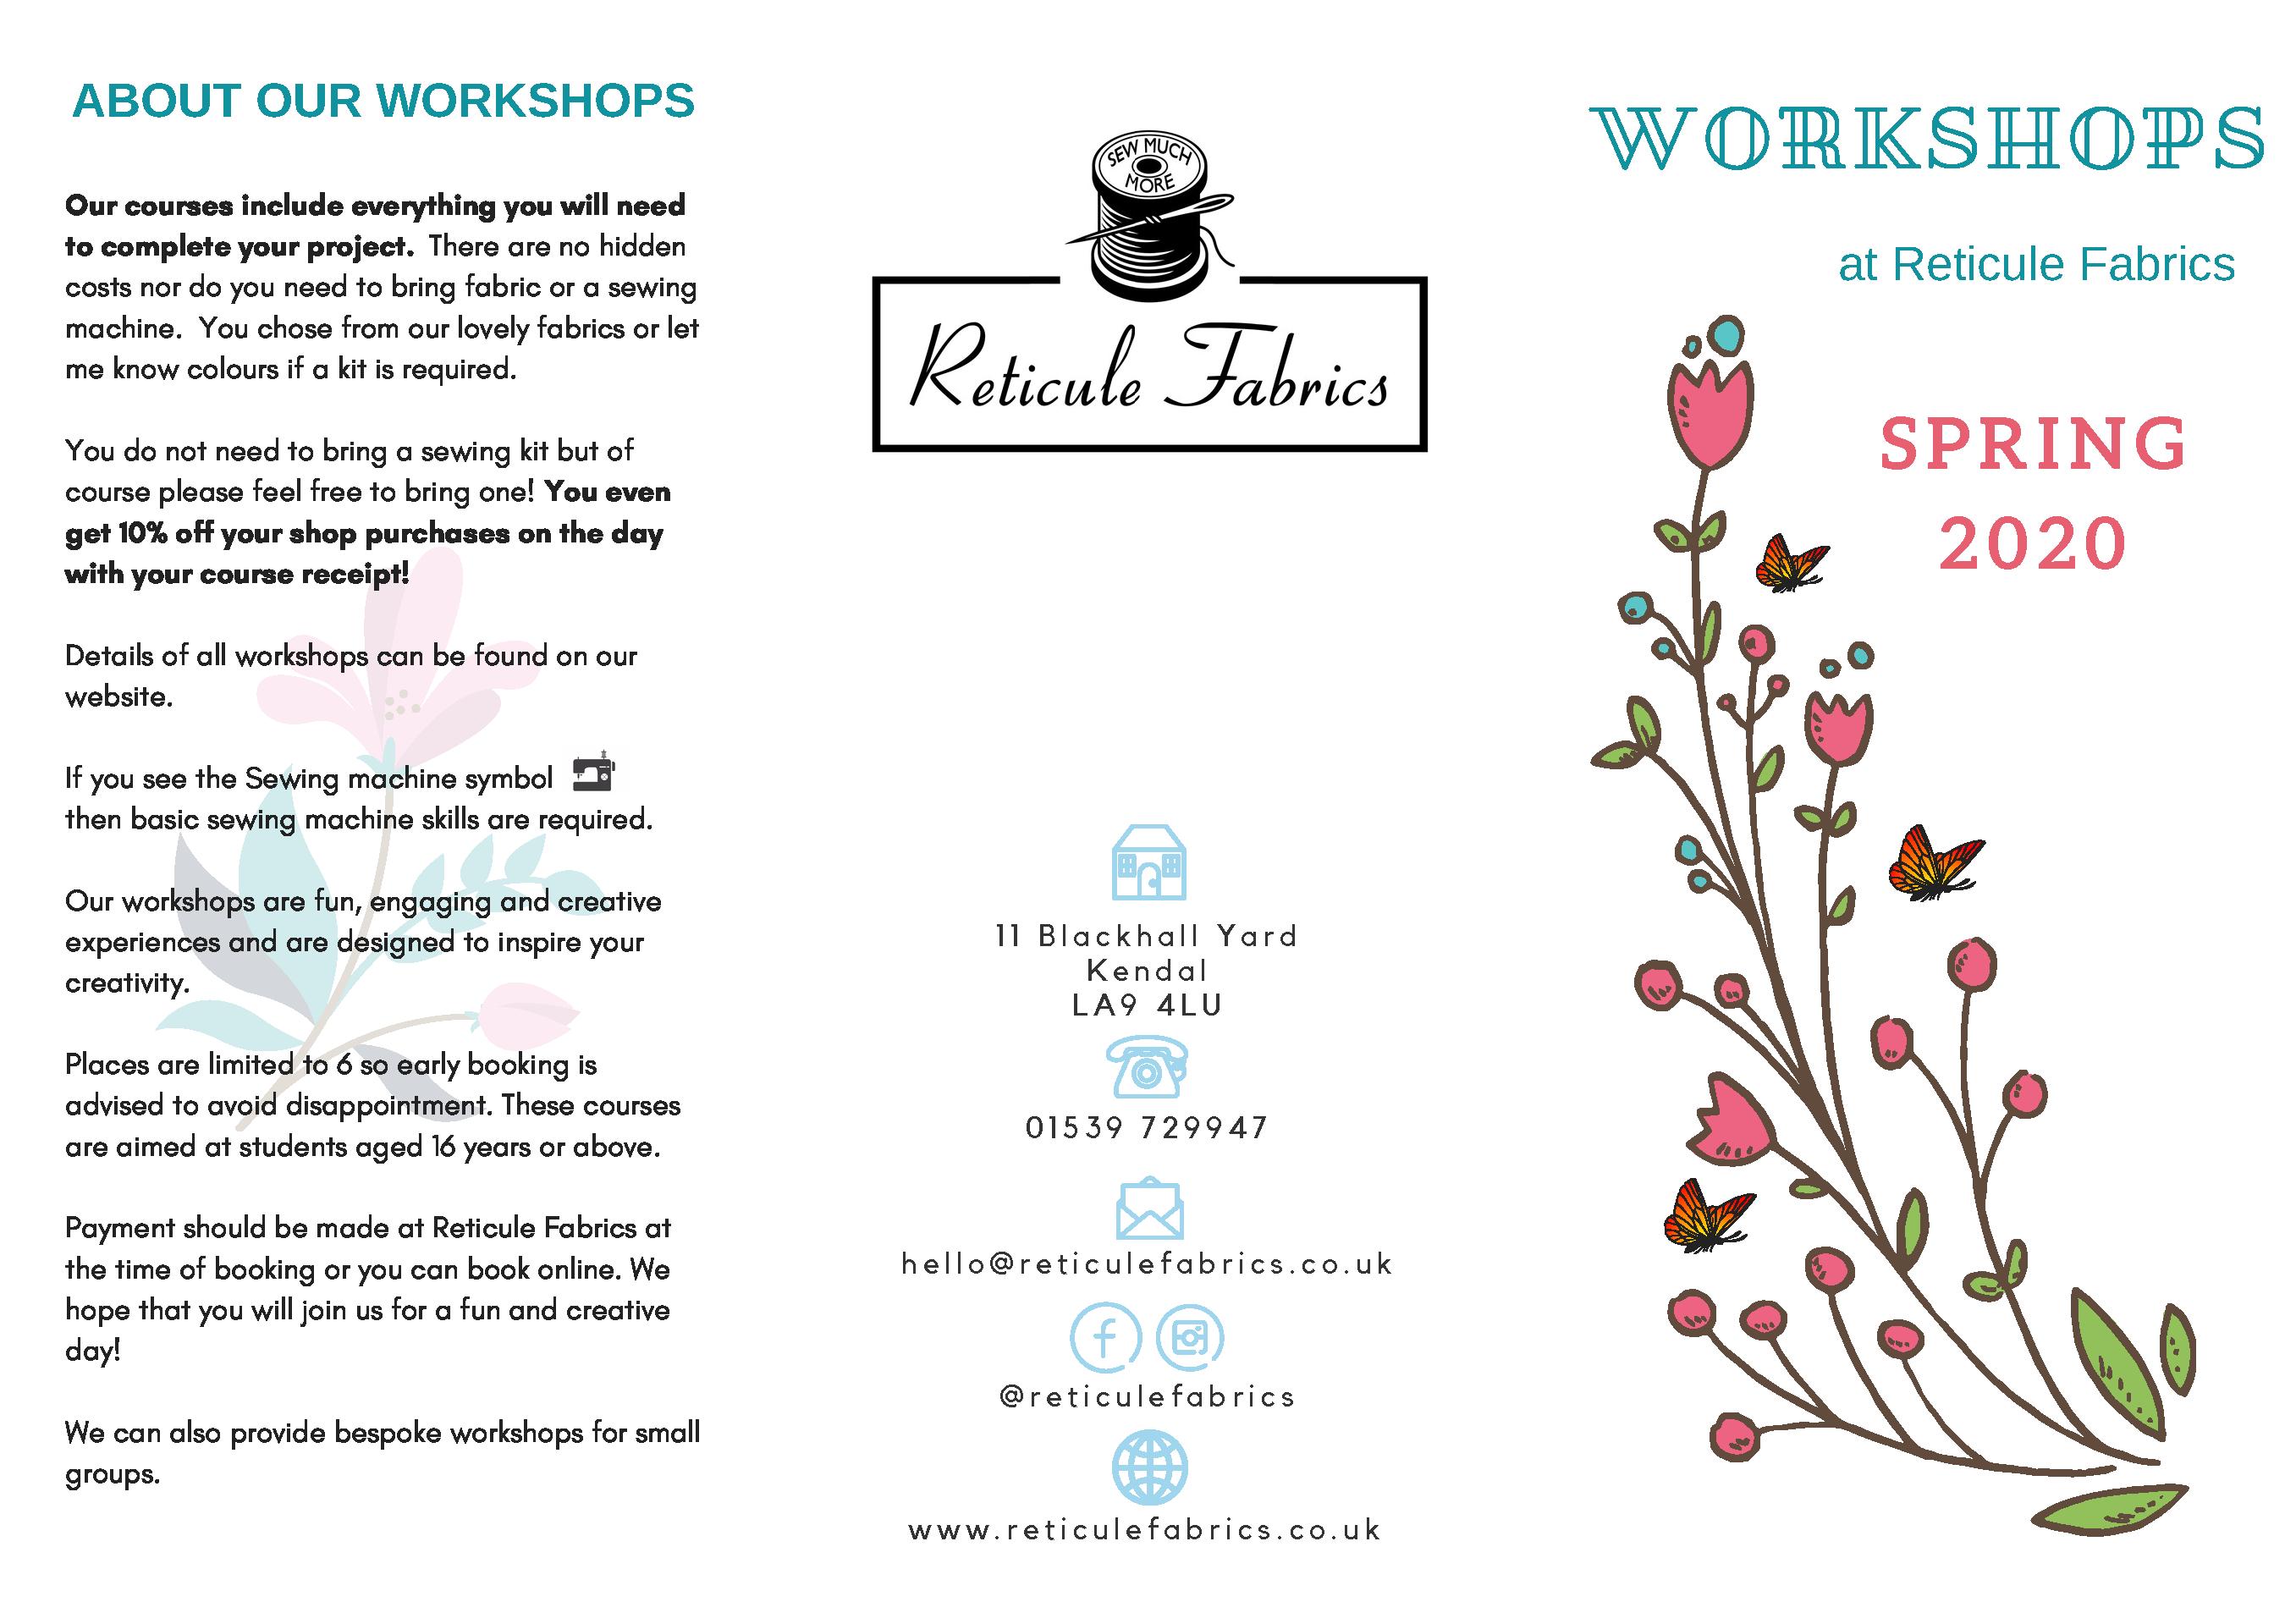 Workshop Spring 2020